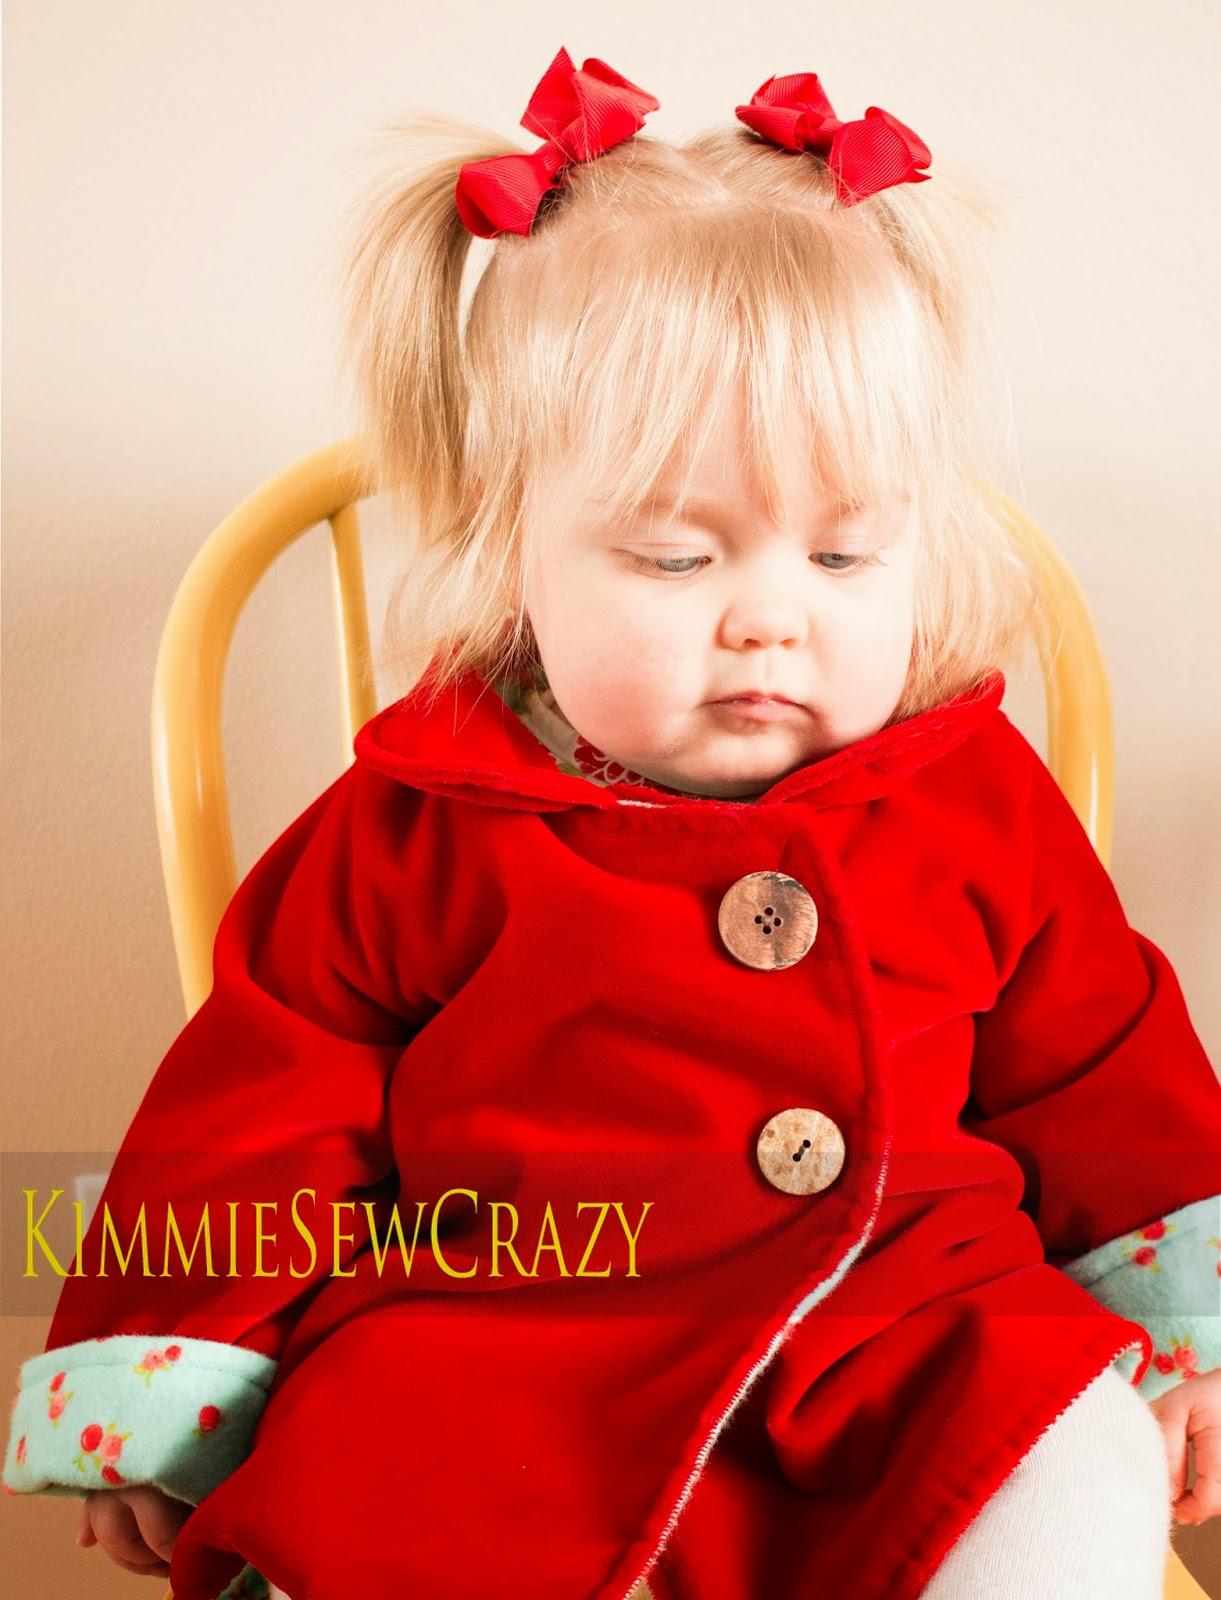 http://kimmiesewcrazy.blogspot.ca/